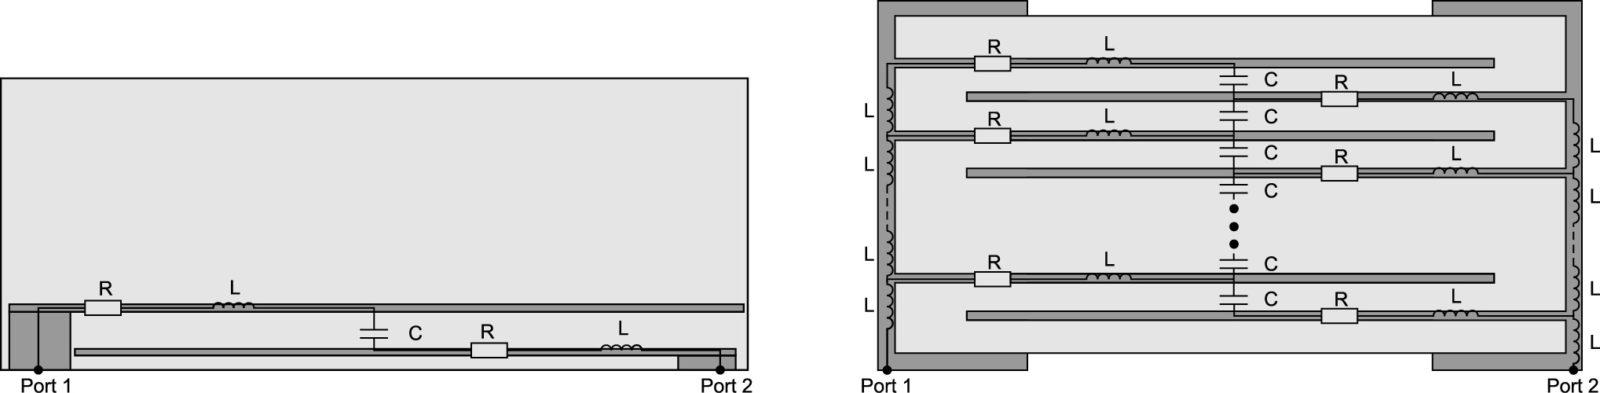 Распределенные паразитные параметры 3D- и MLCC-конденсаторов